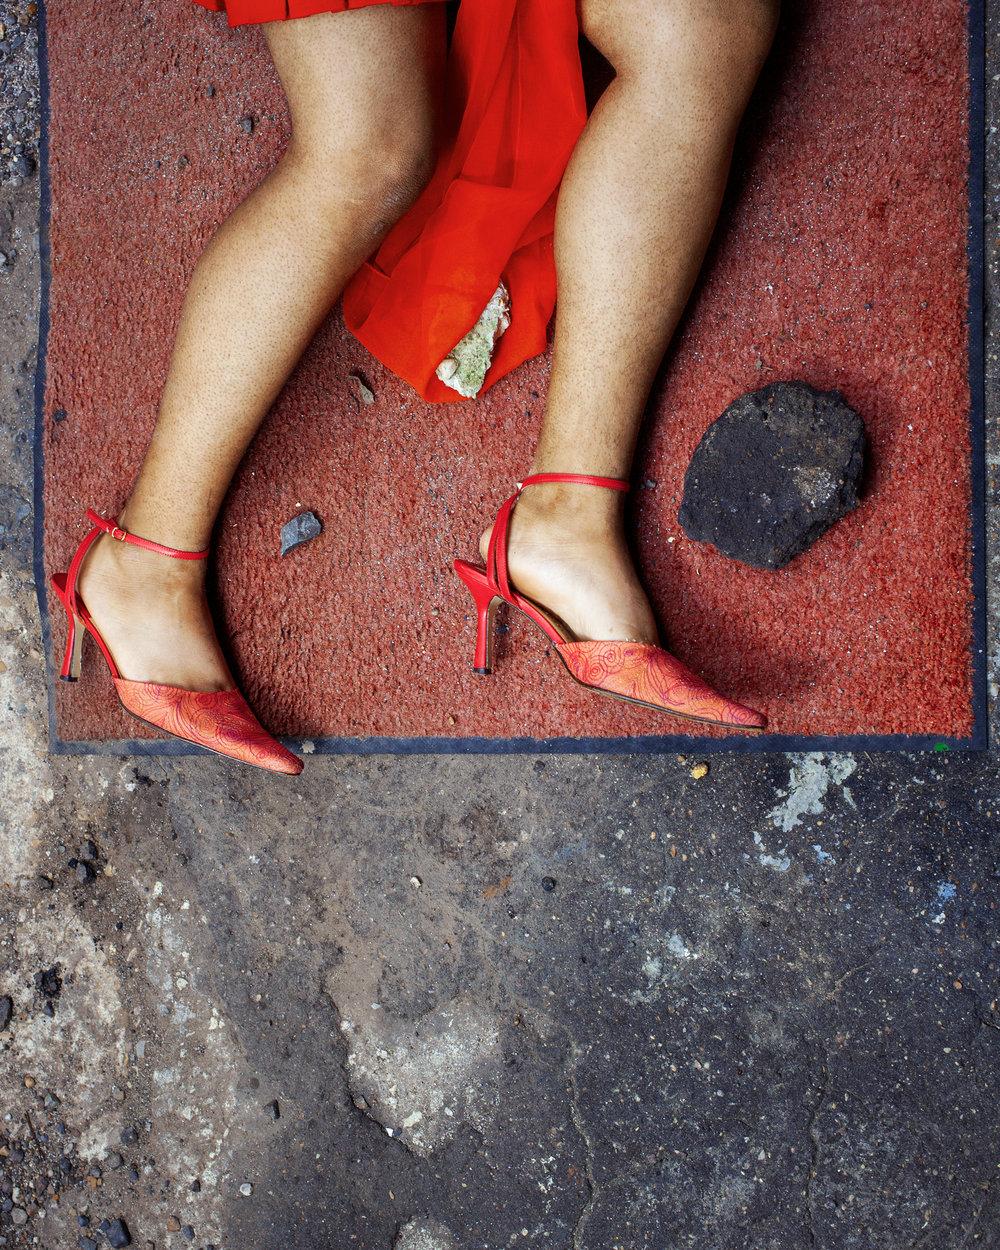 crime-stiletto-by-ransom-ashley-.jpg